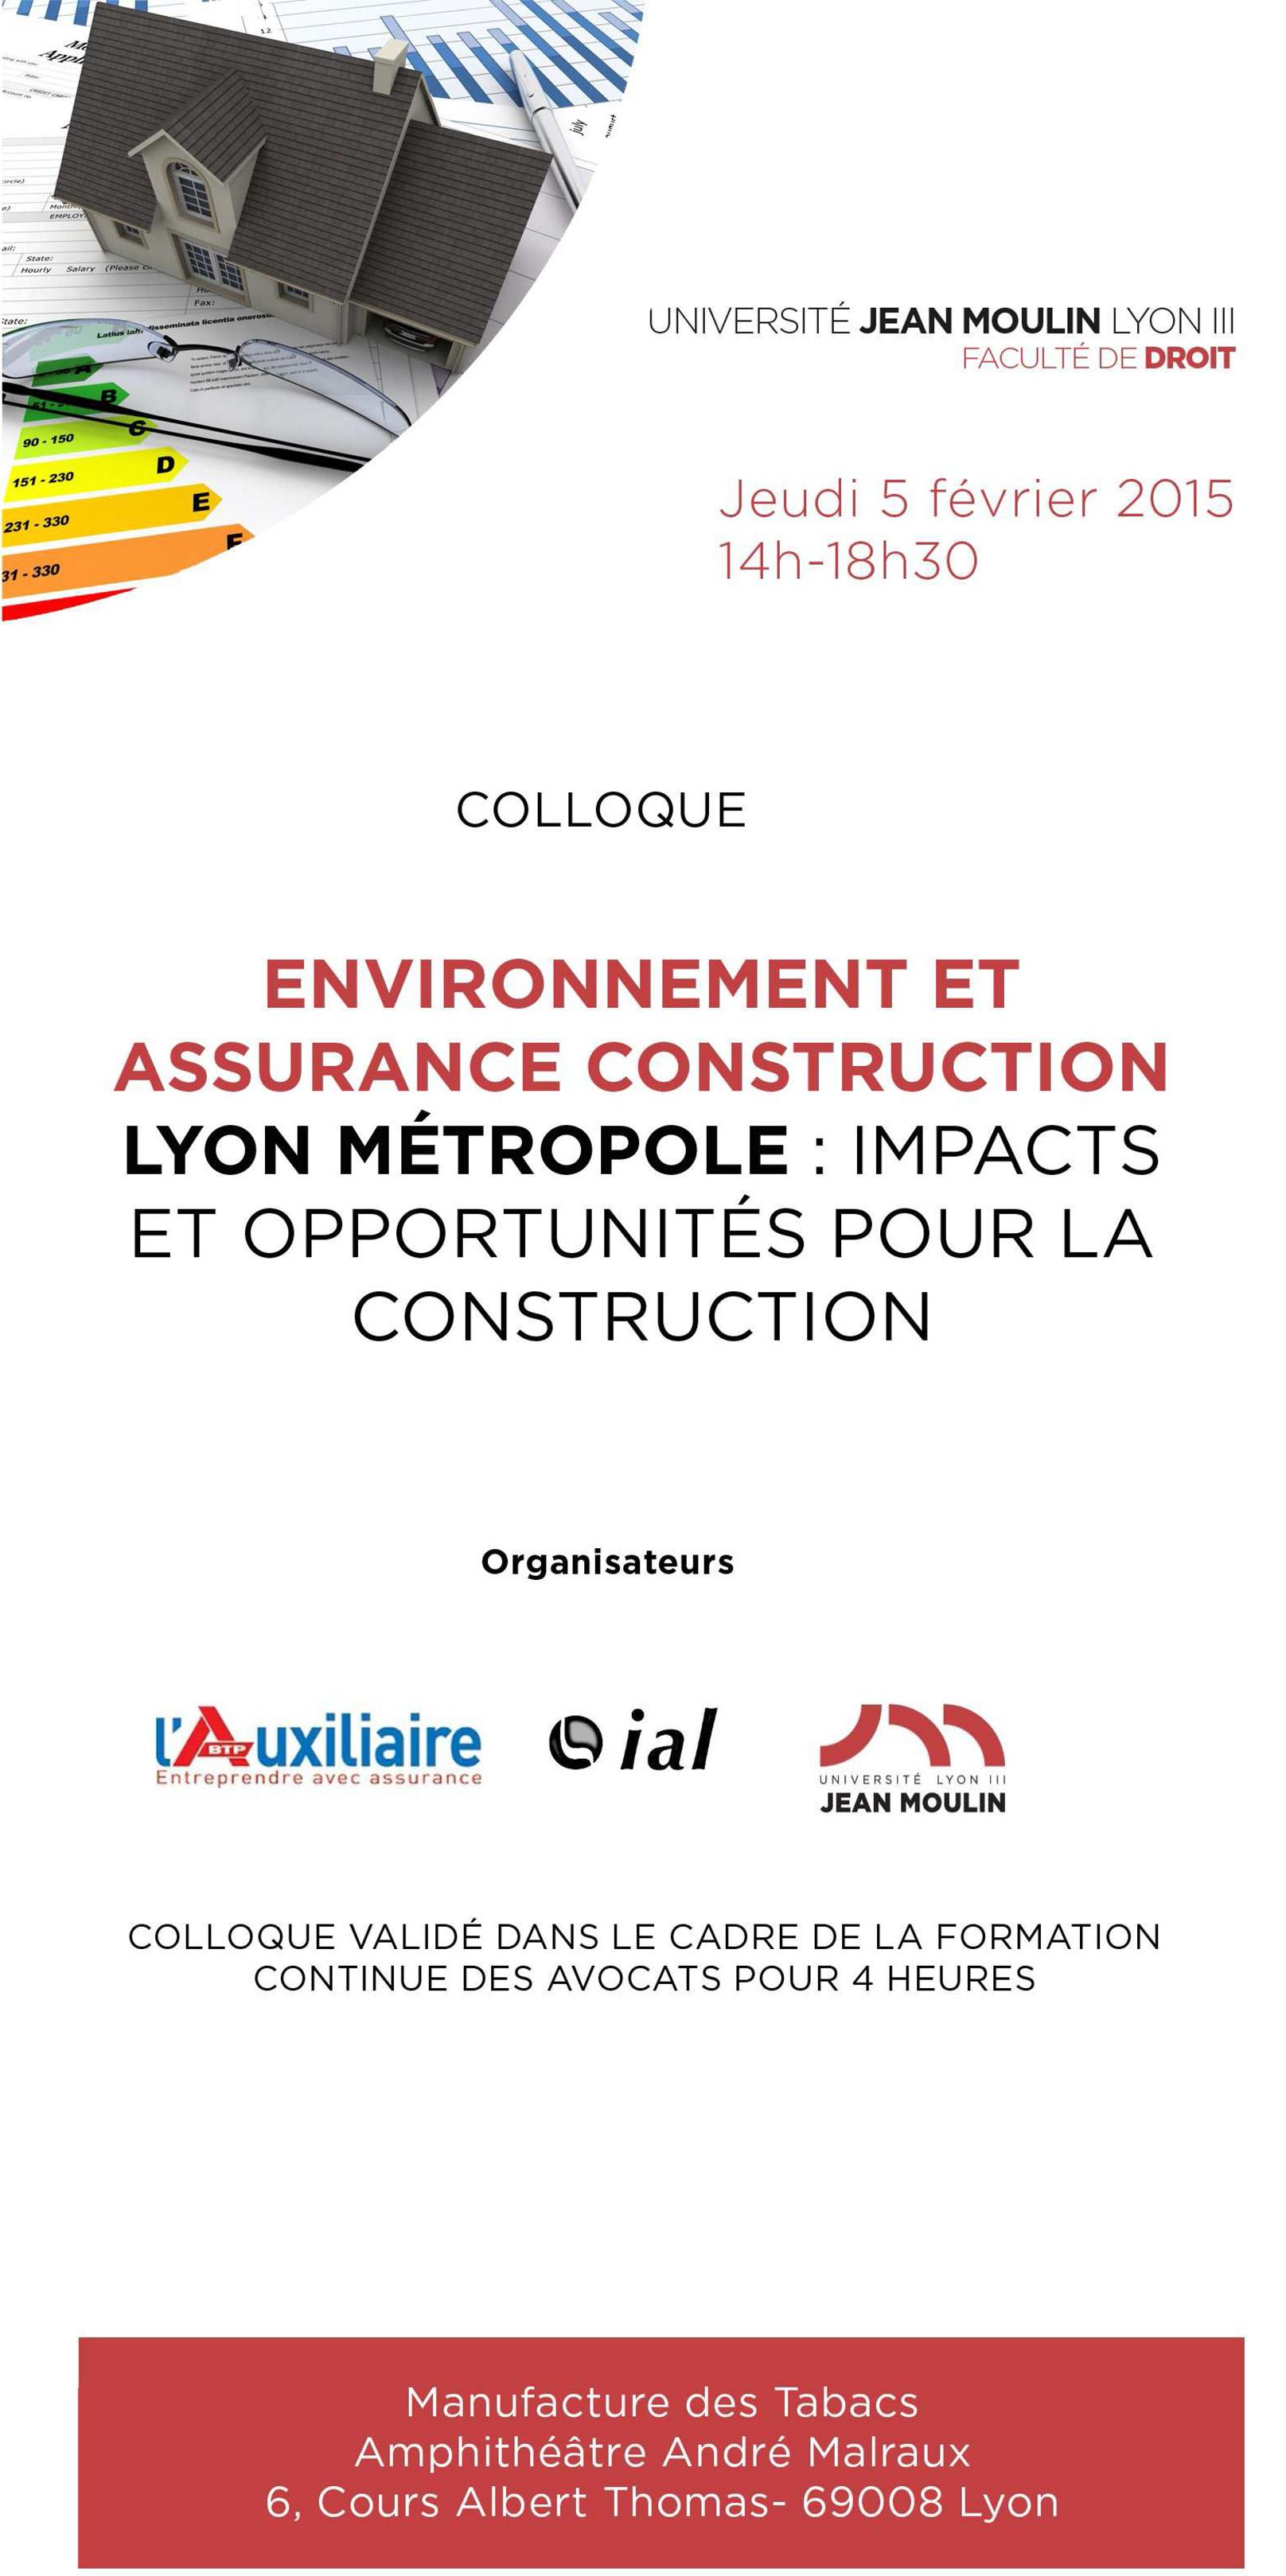 Colloque IAL : environnement 2015